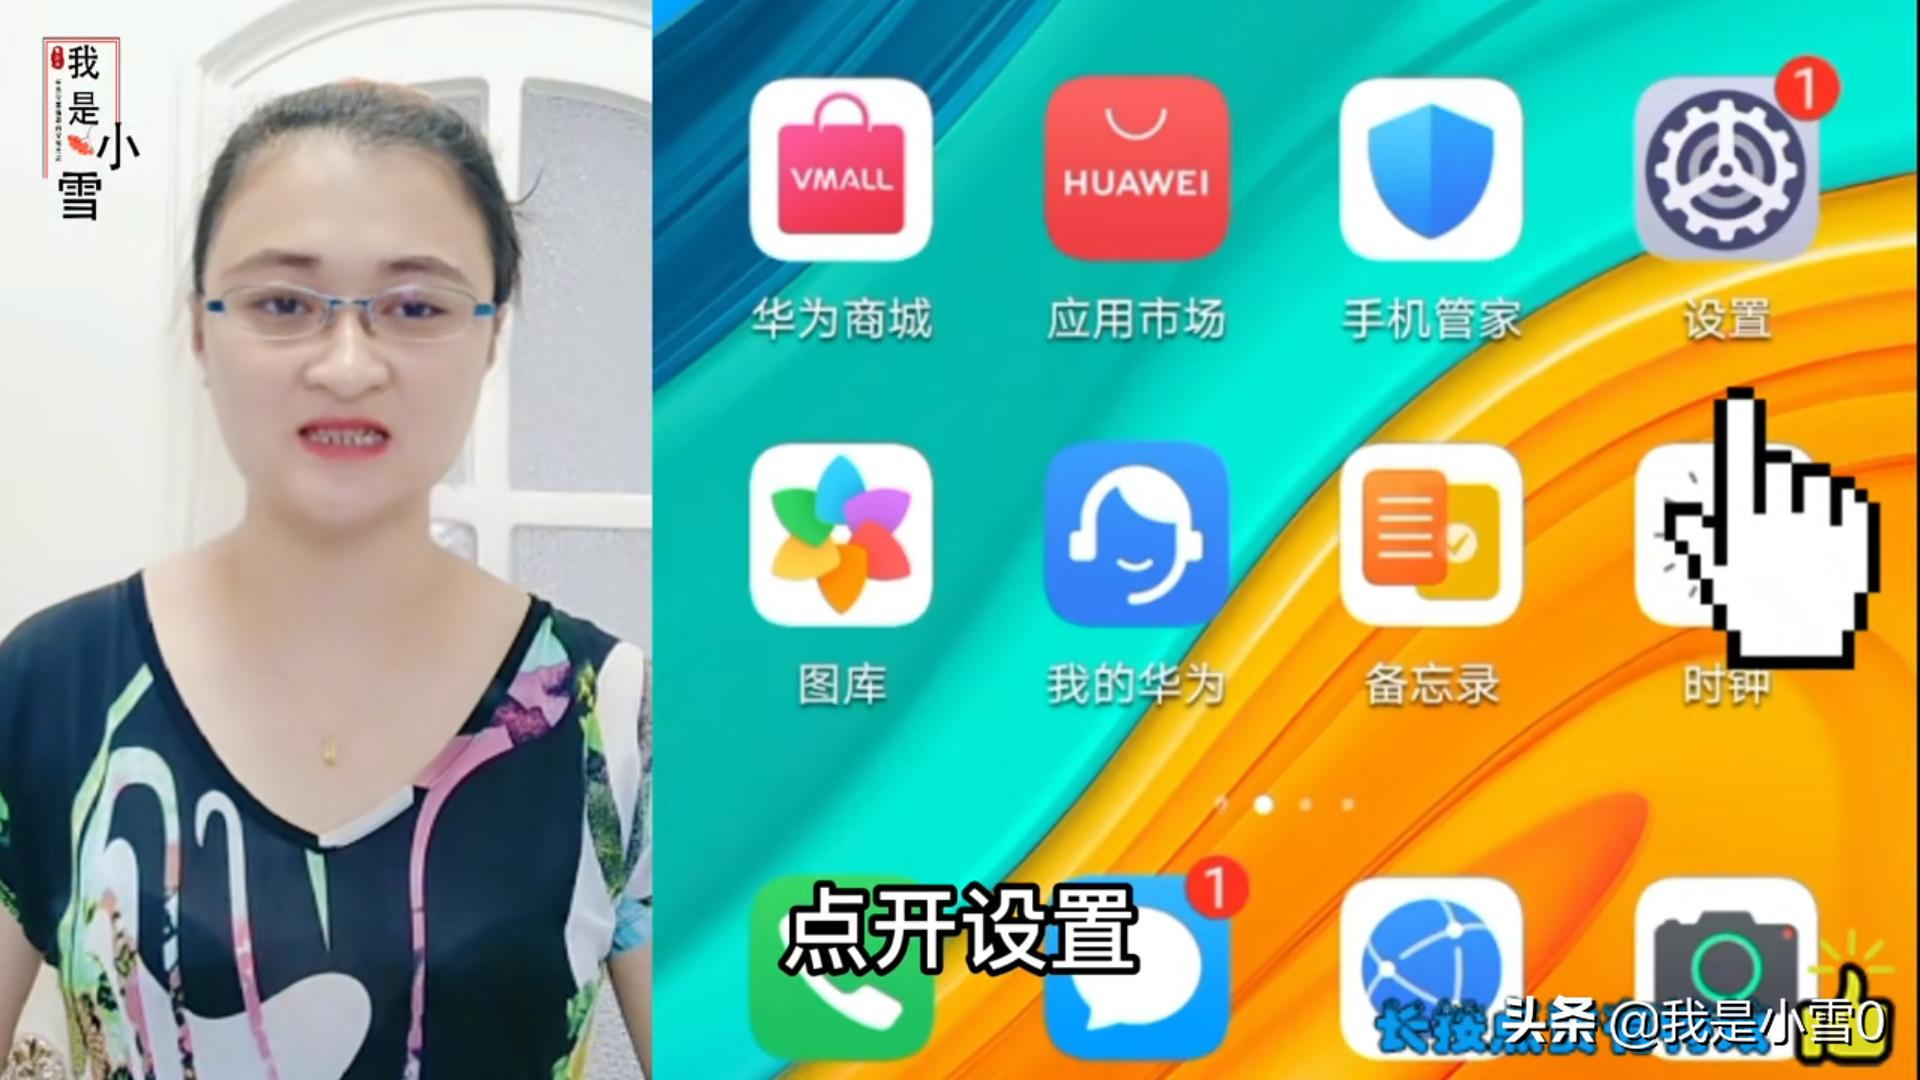 怎么卸载手机上下载的软件(正确卸载手机软件的方法)(2)